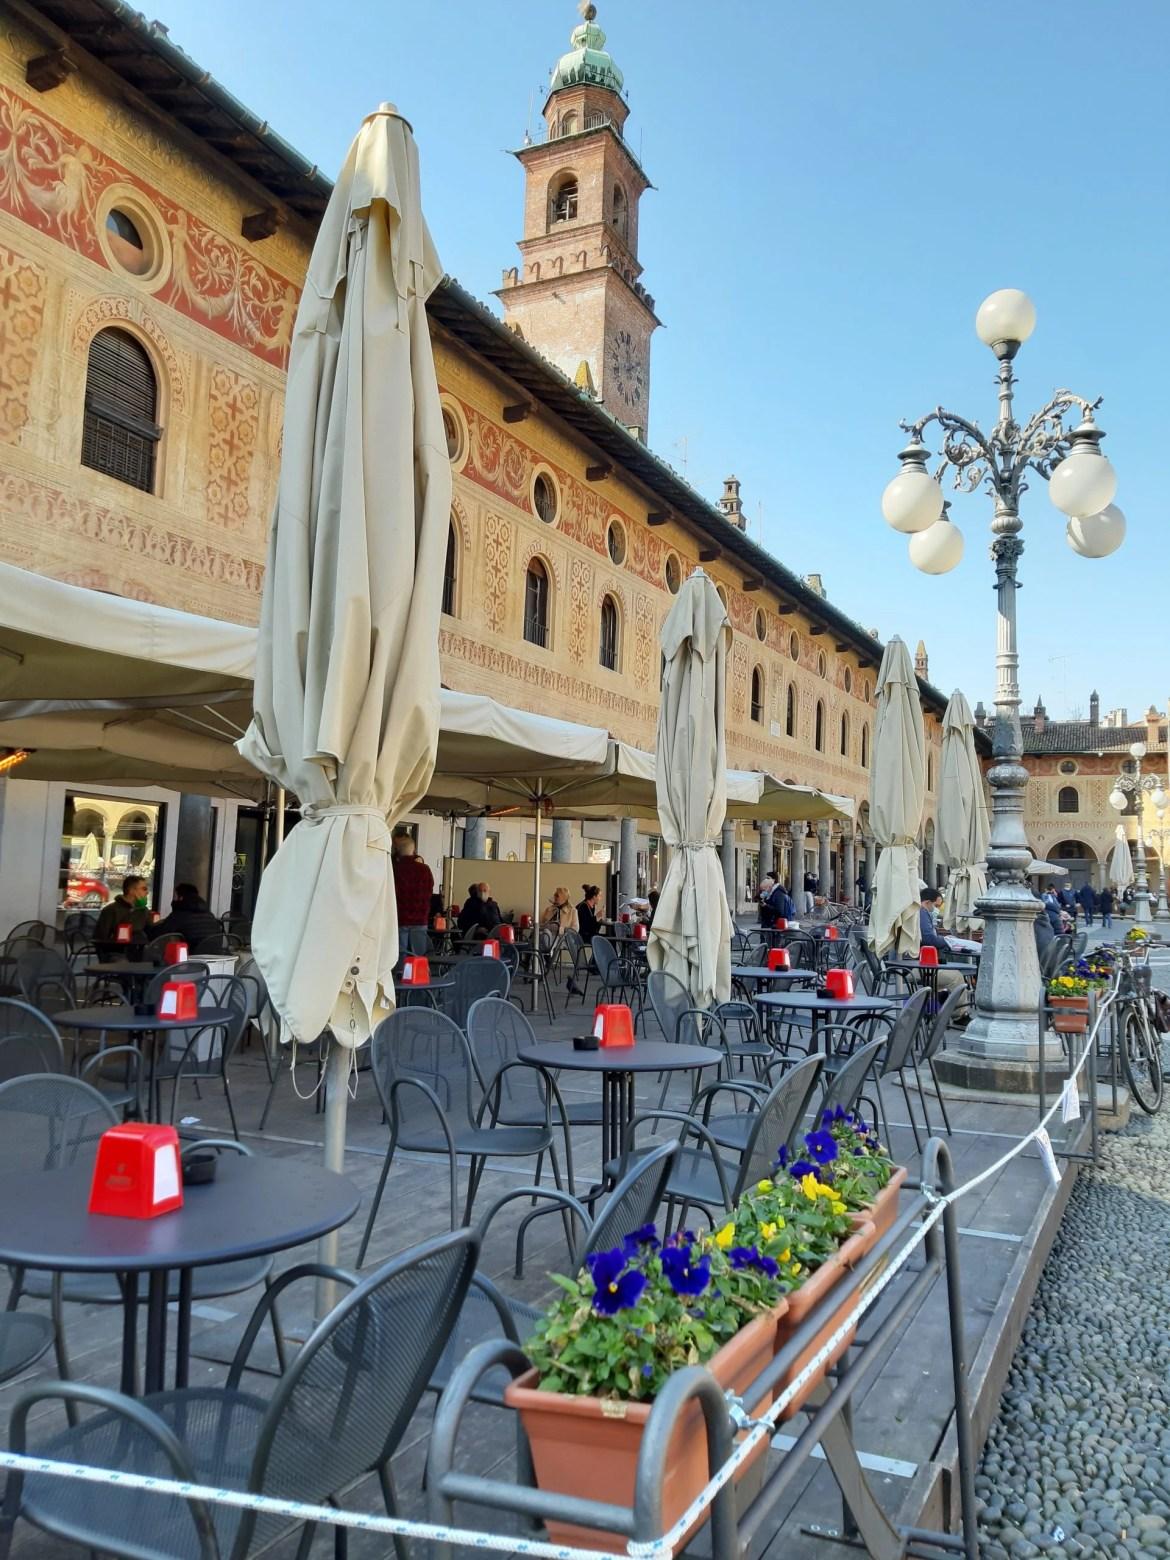 Piazza Ducale da cidade de Vigevano na Lombardia, Itália.